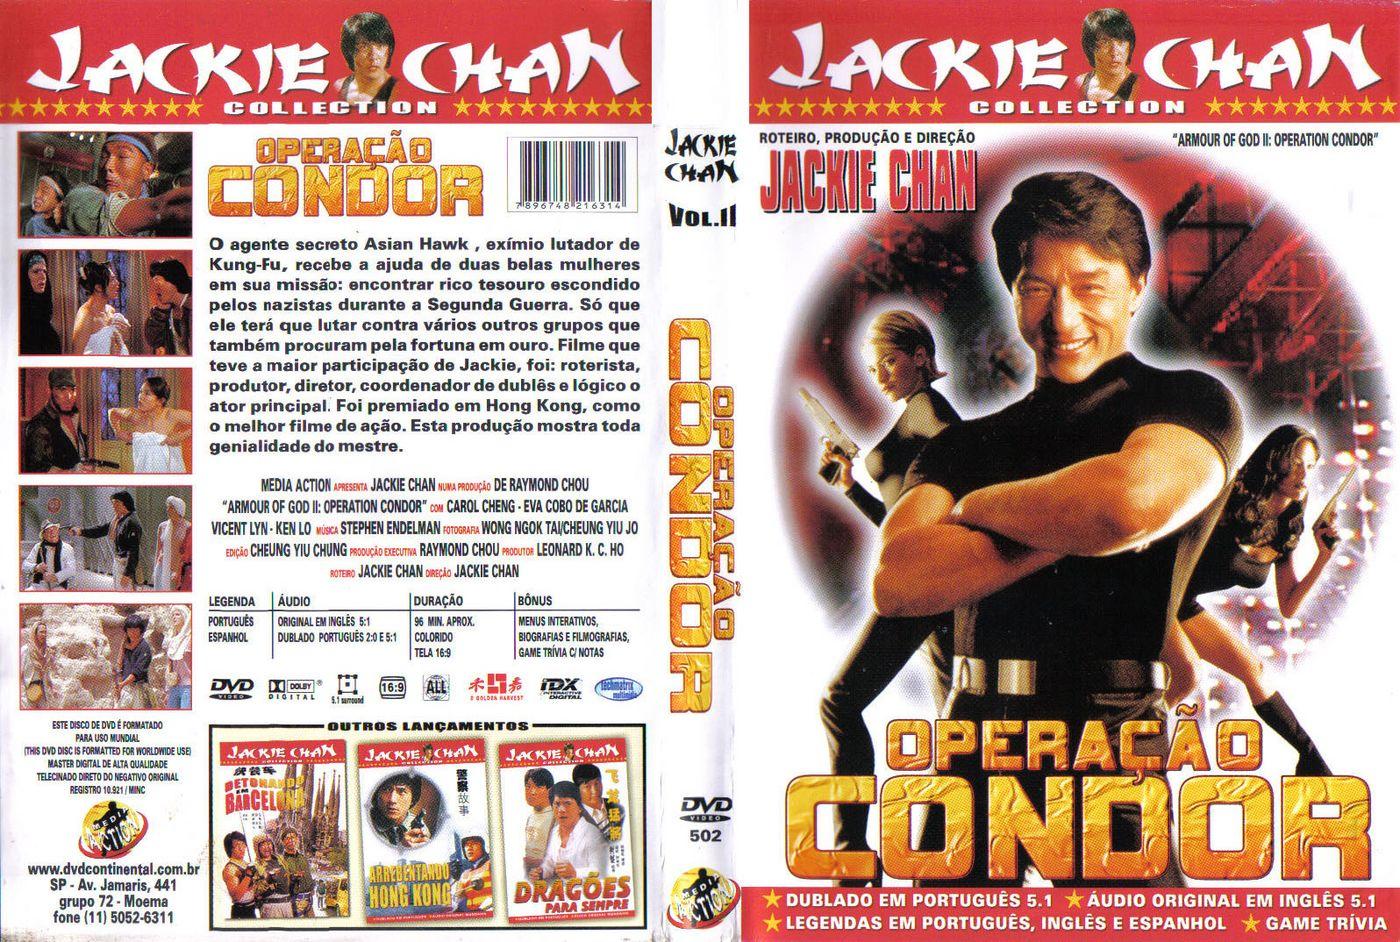 Armour of God II Operação Condor DVD Capa